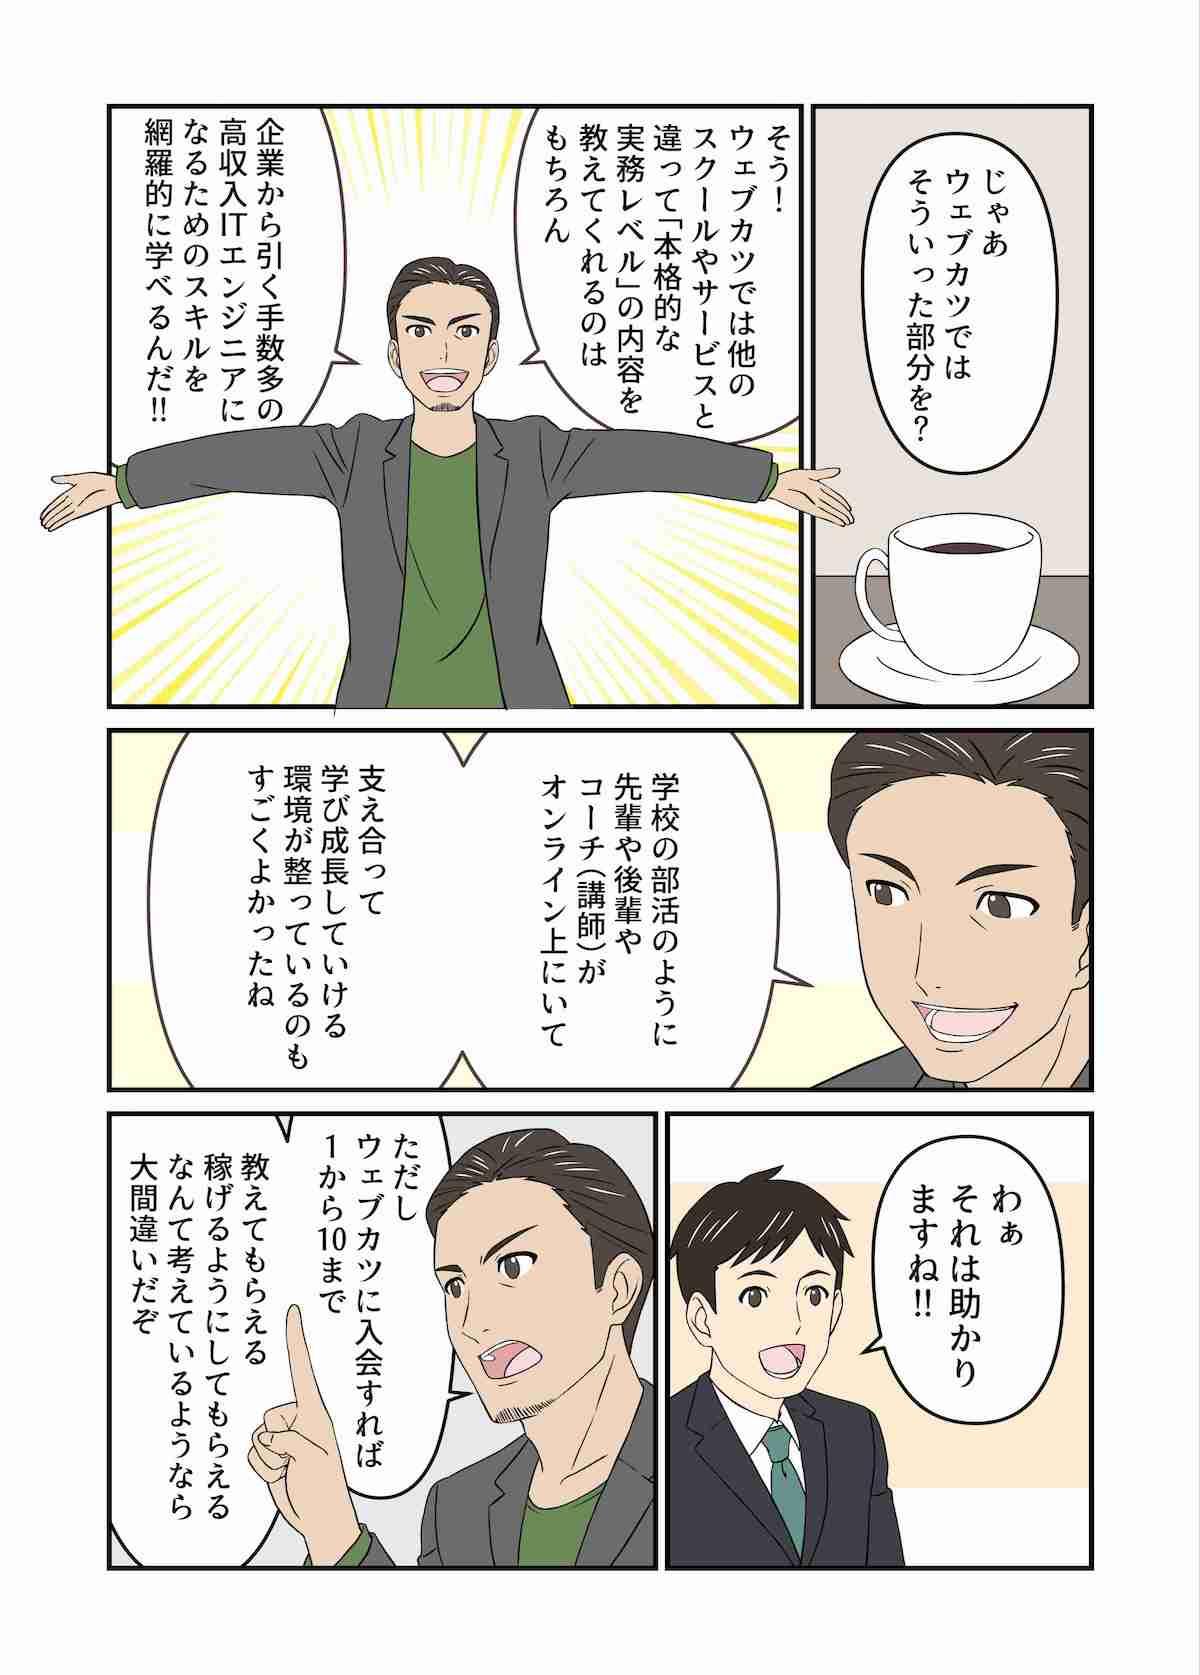 ウェブカツ漫画7ページ目